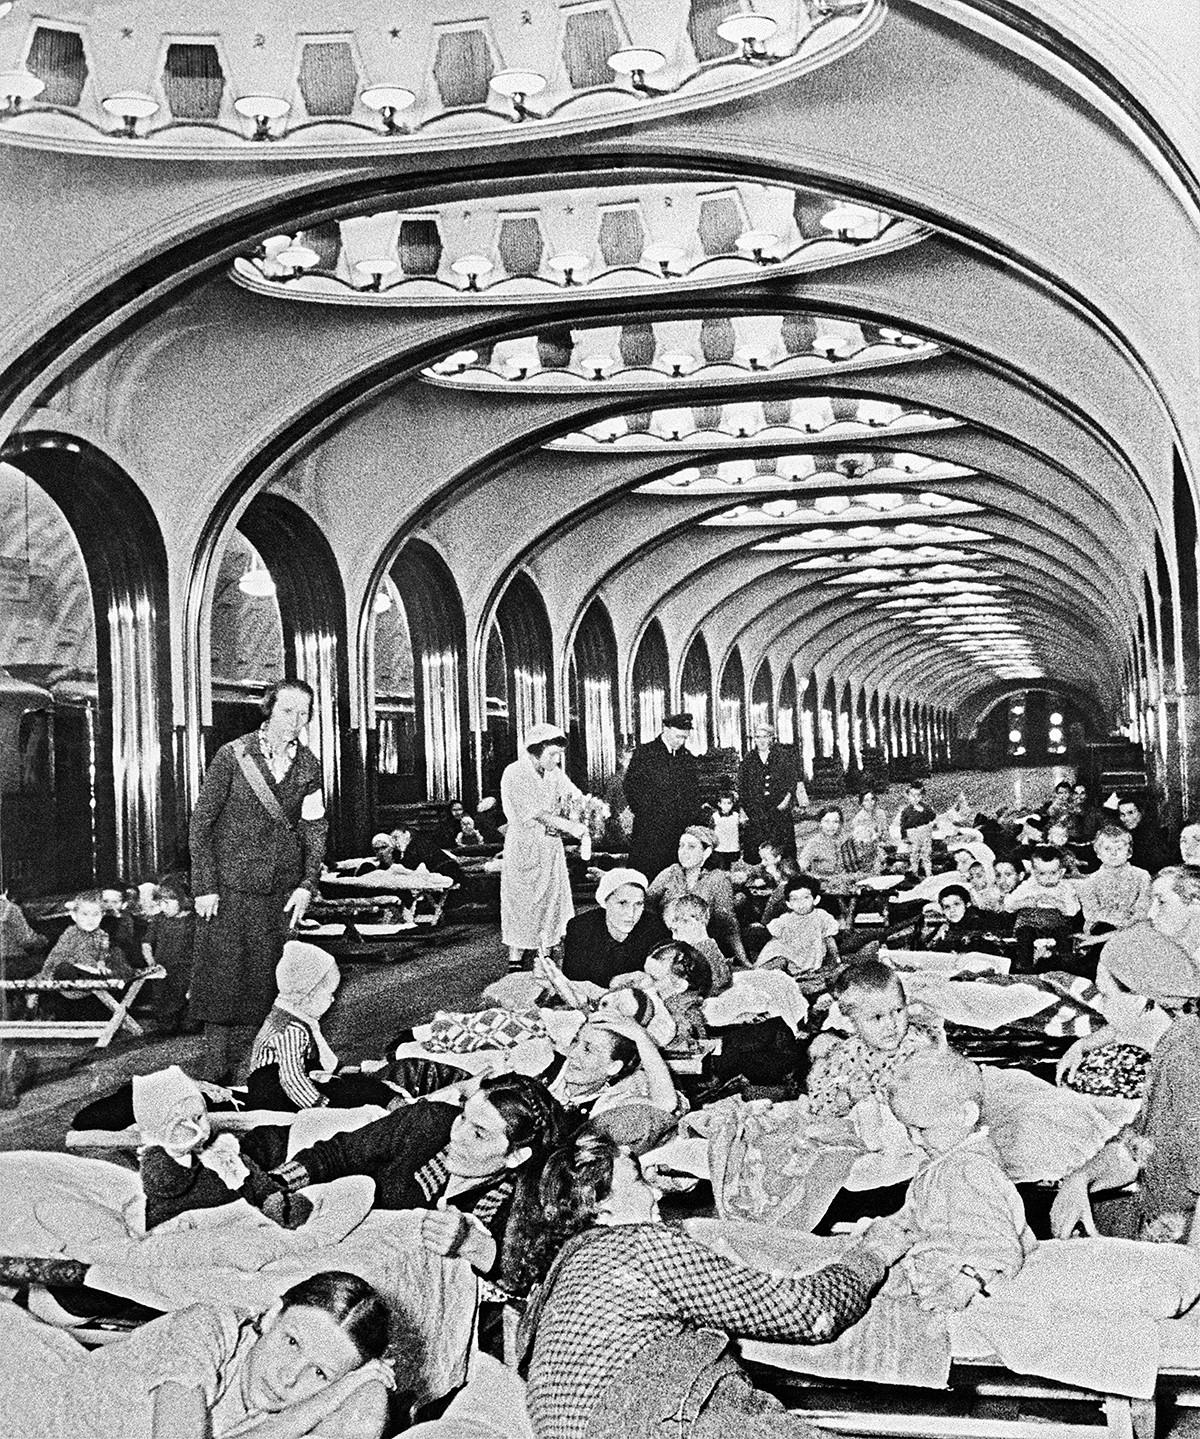 Estação de metrô Mayakovskaya, 1941